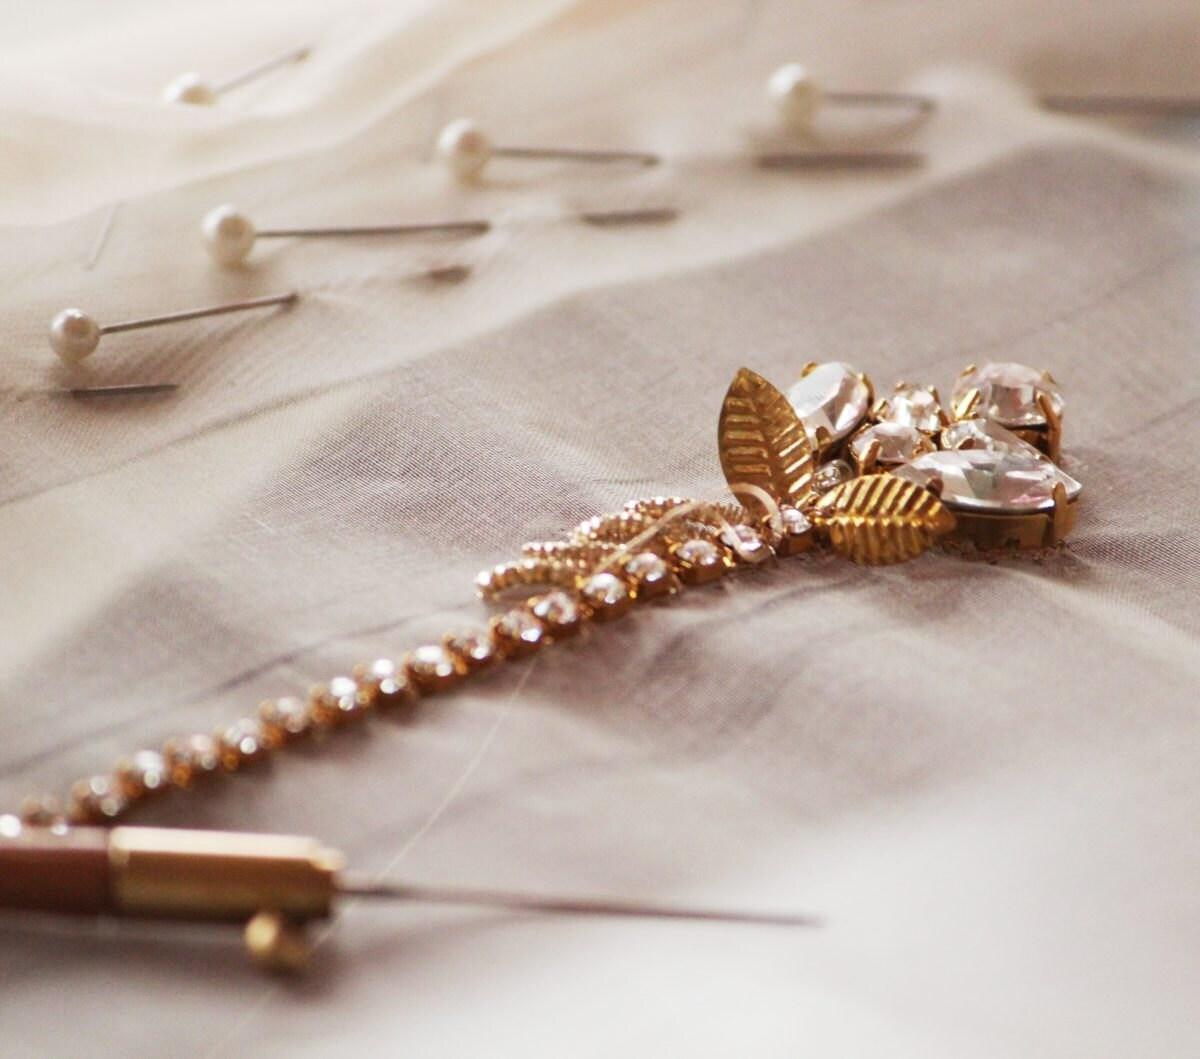 Details of a crystal bridal belt in progress